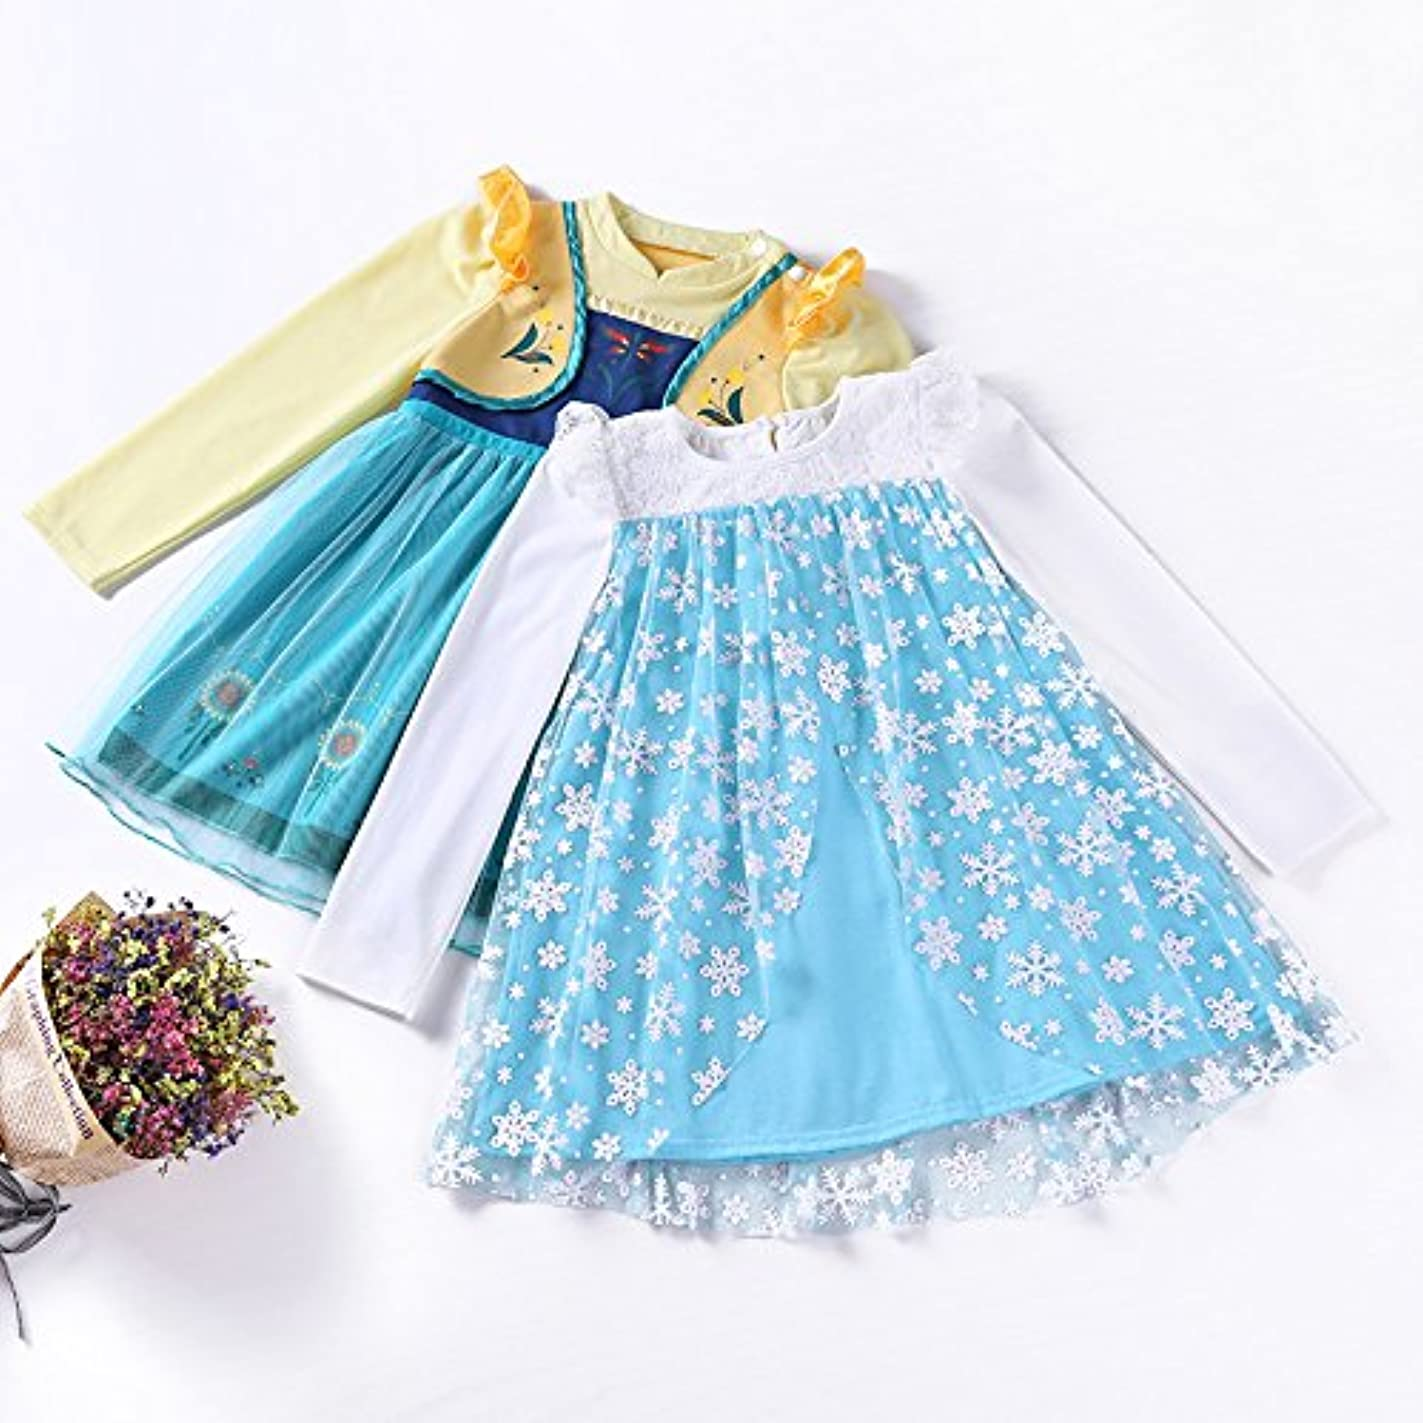 自動化再び剪断m142 アナ雪ドレス エルサドレス プリンセスドレス キッズ 子供用ドレス 女の子 雪の女王 子供プリンセスドレス ドレス なりきり お姫様 ふんわり (100, アナワンピース)